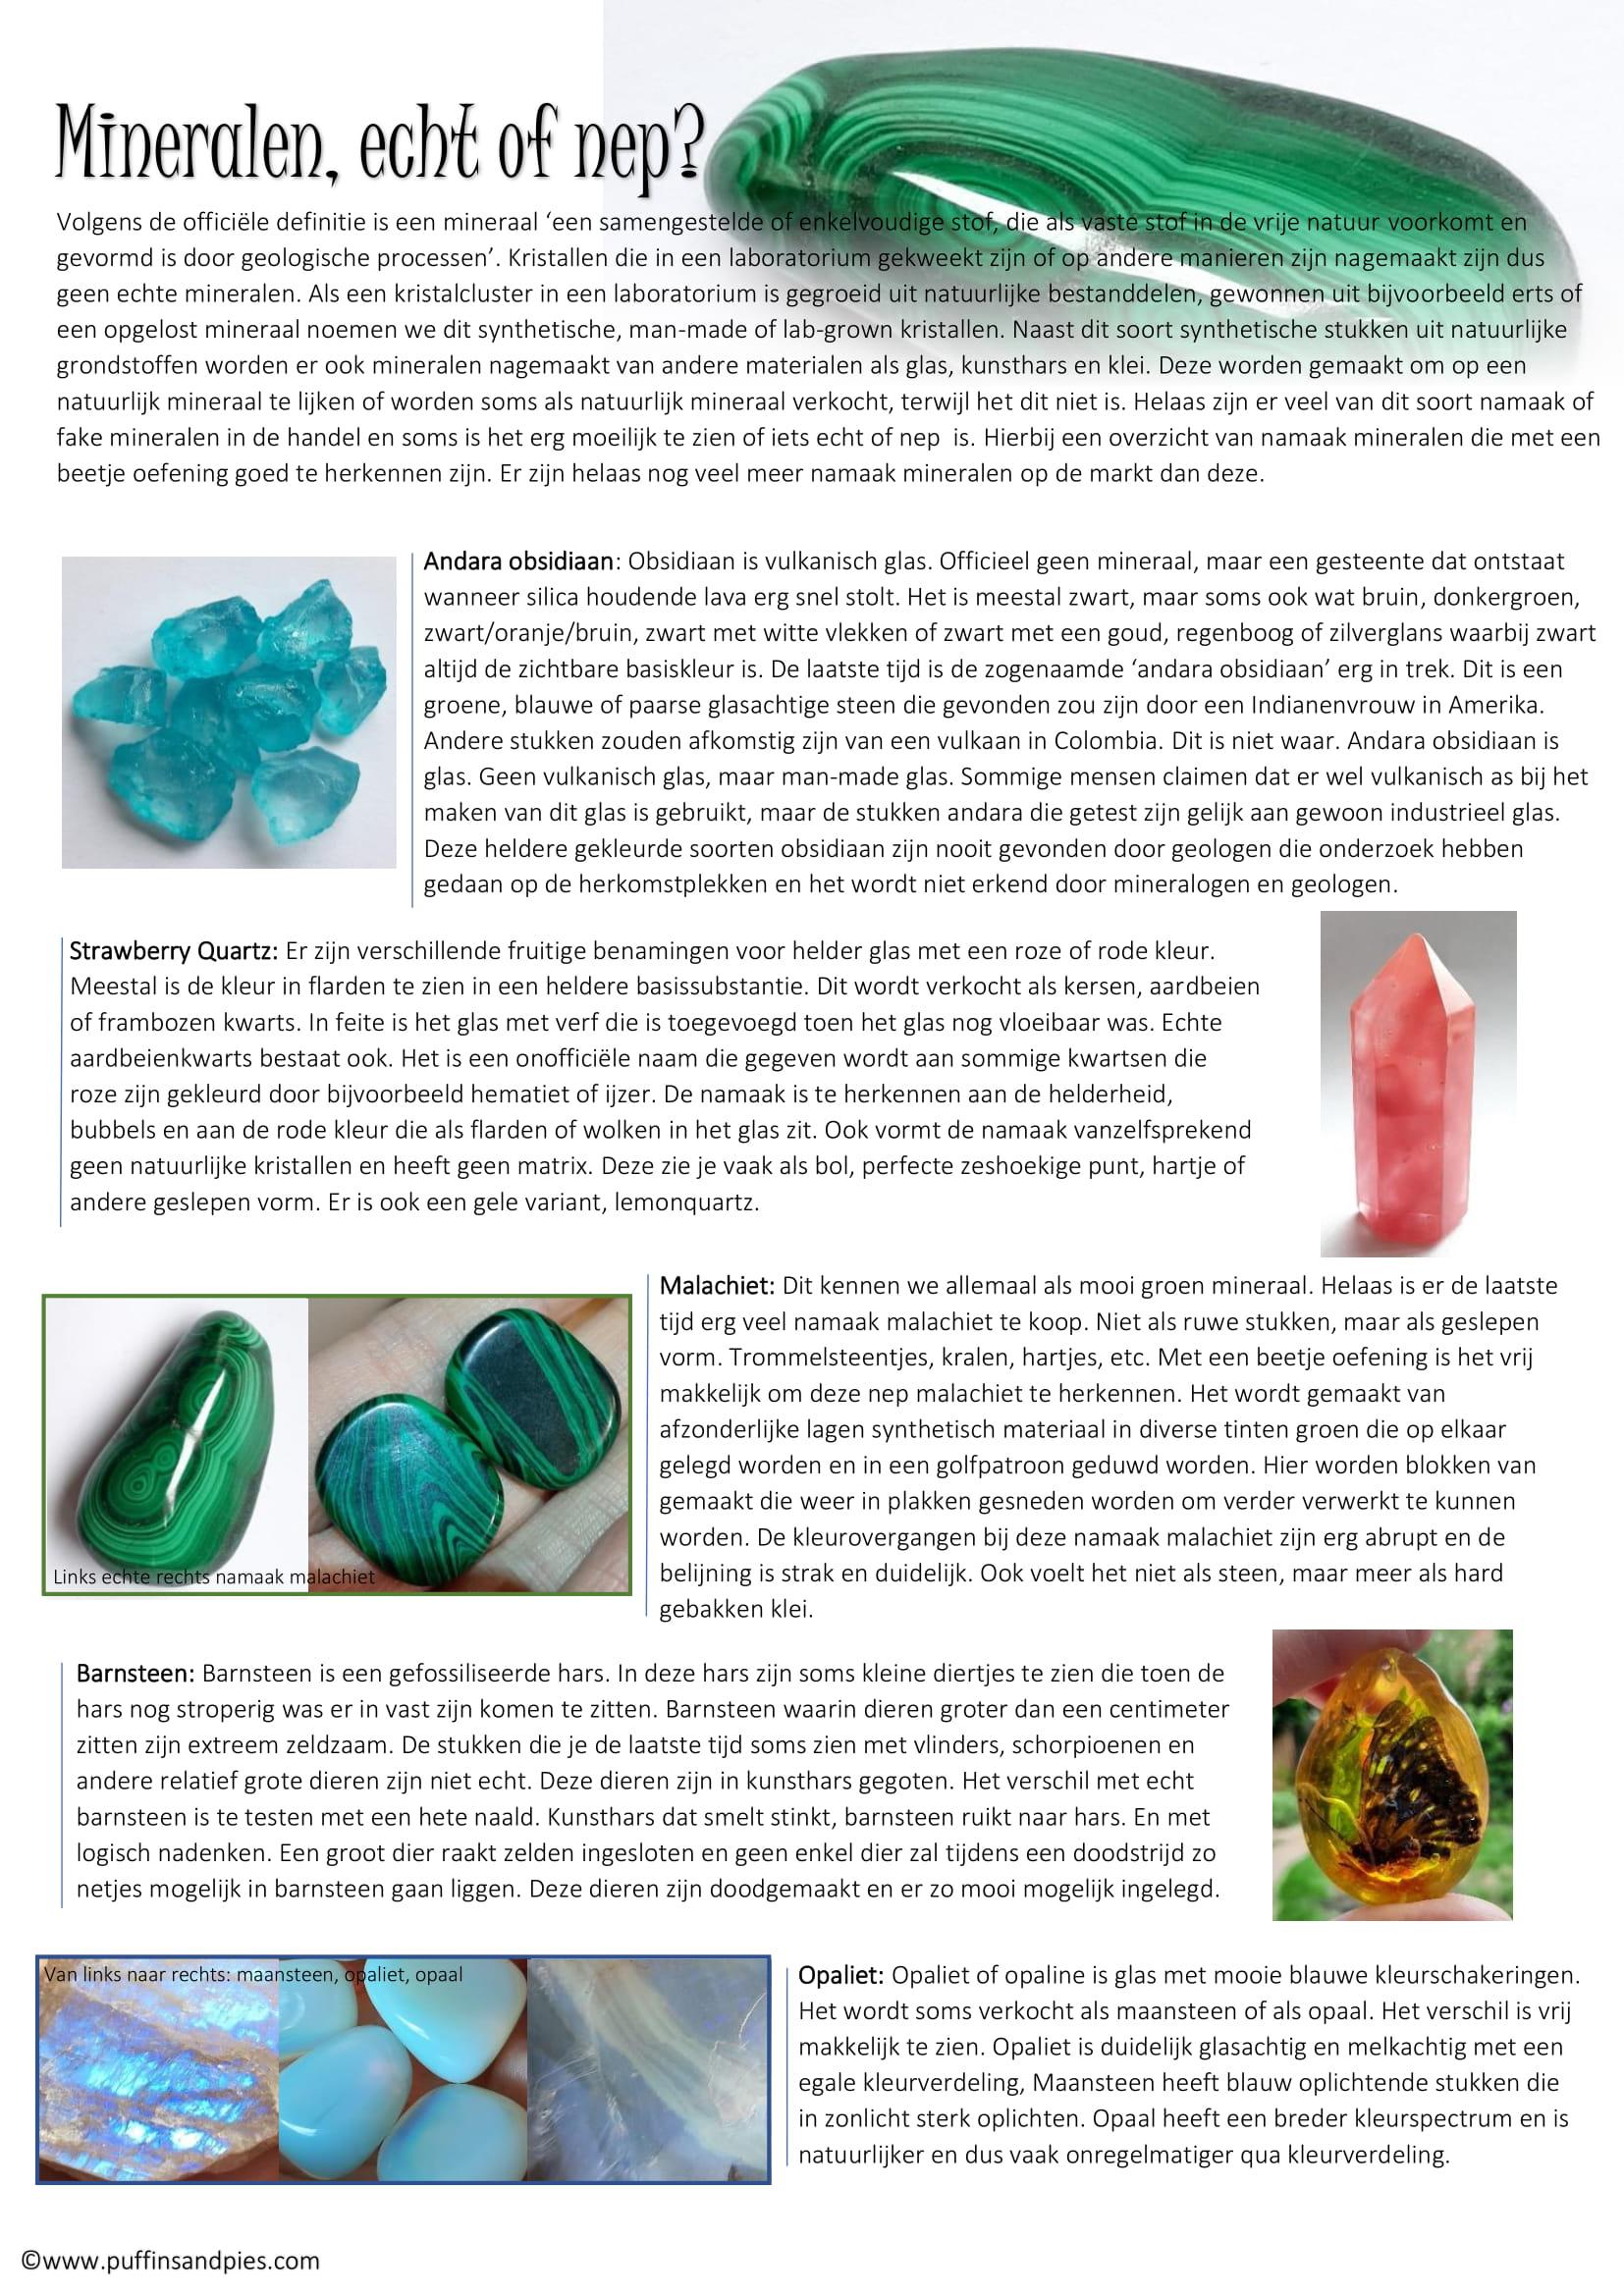 Fake mineralen factsheet-1